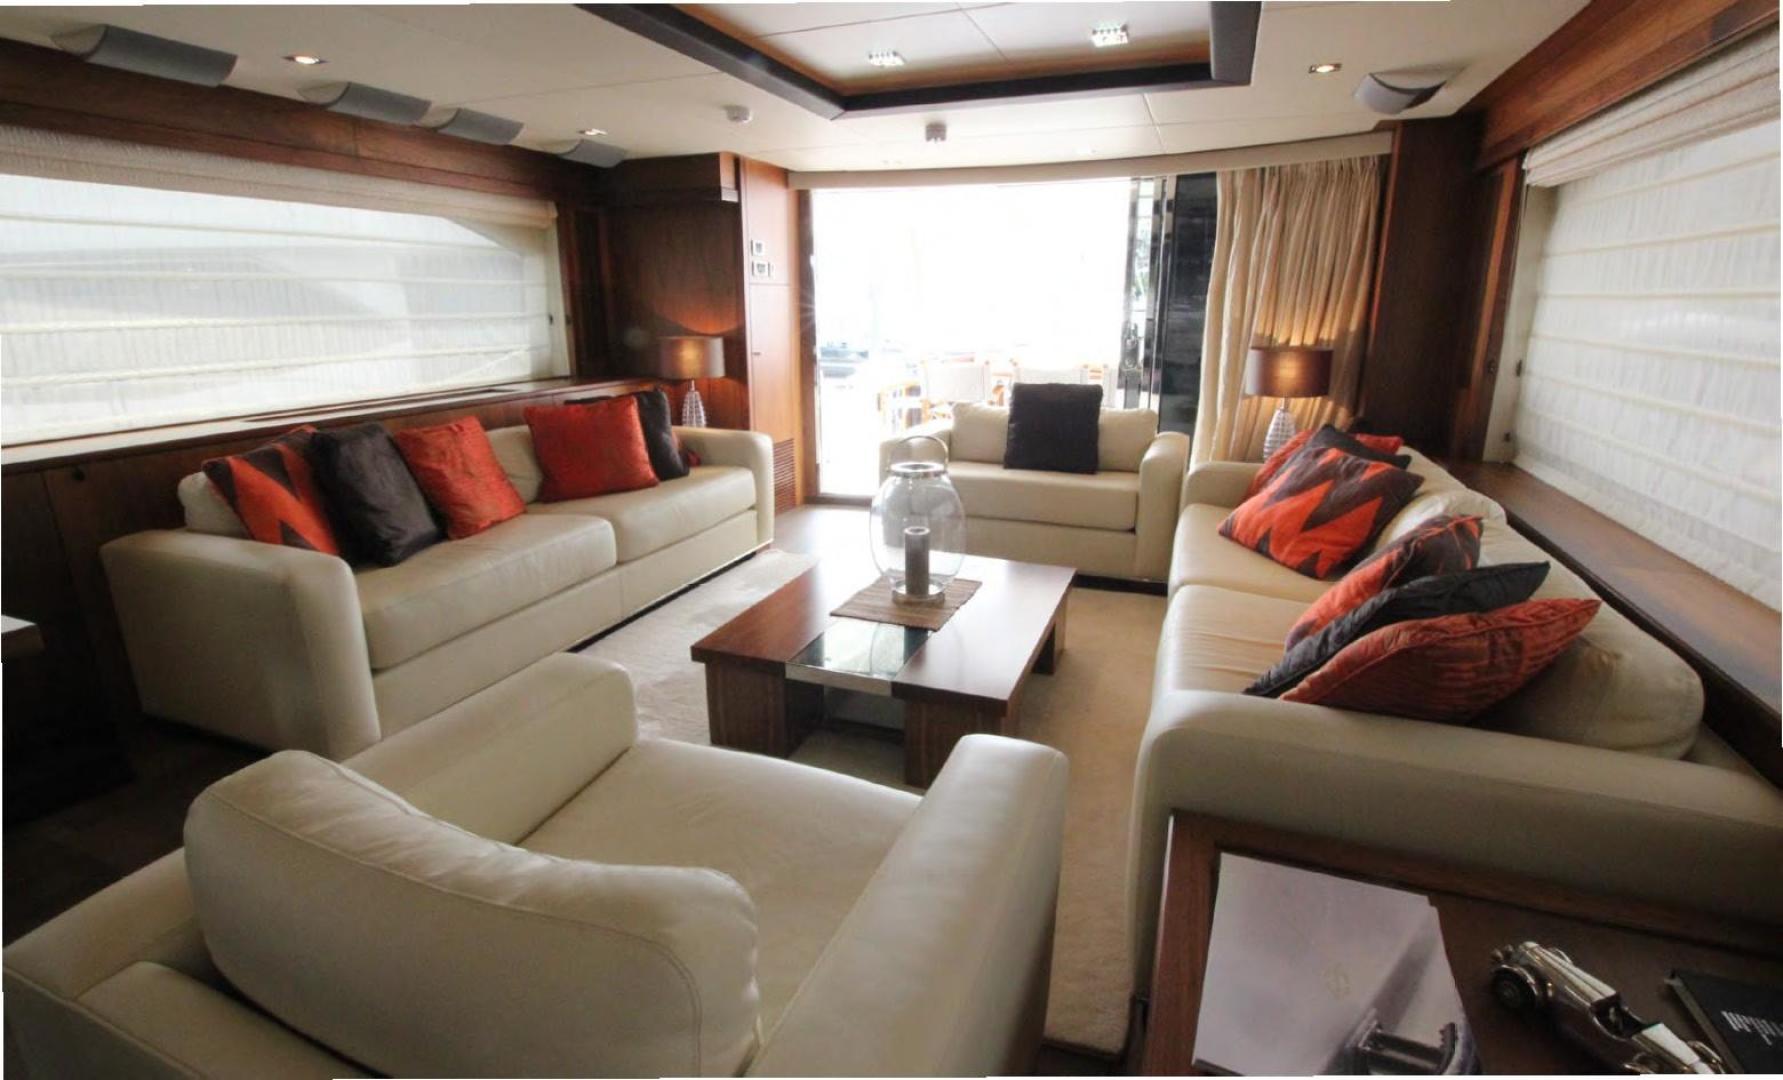 Sunseeker-Flybridge Motoryacht 2009-ANNABEL Mallorca-Spain-Main Salon-902613 | Thumbnail